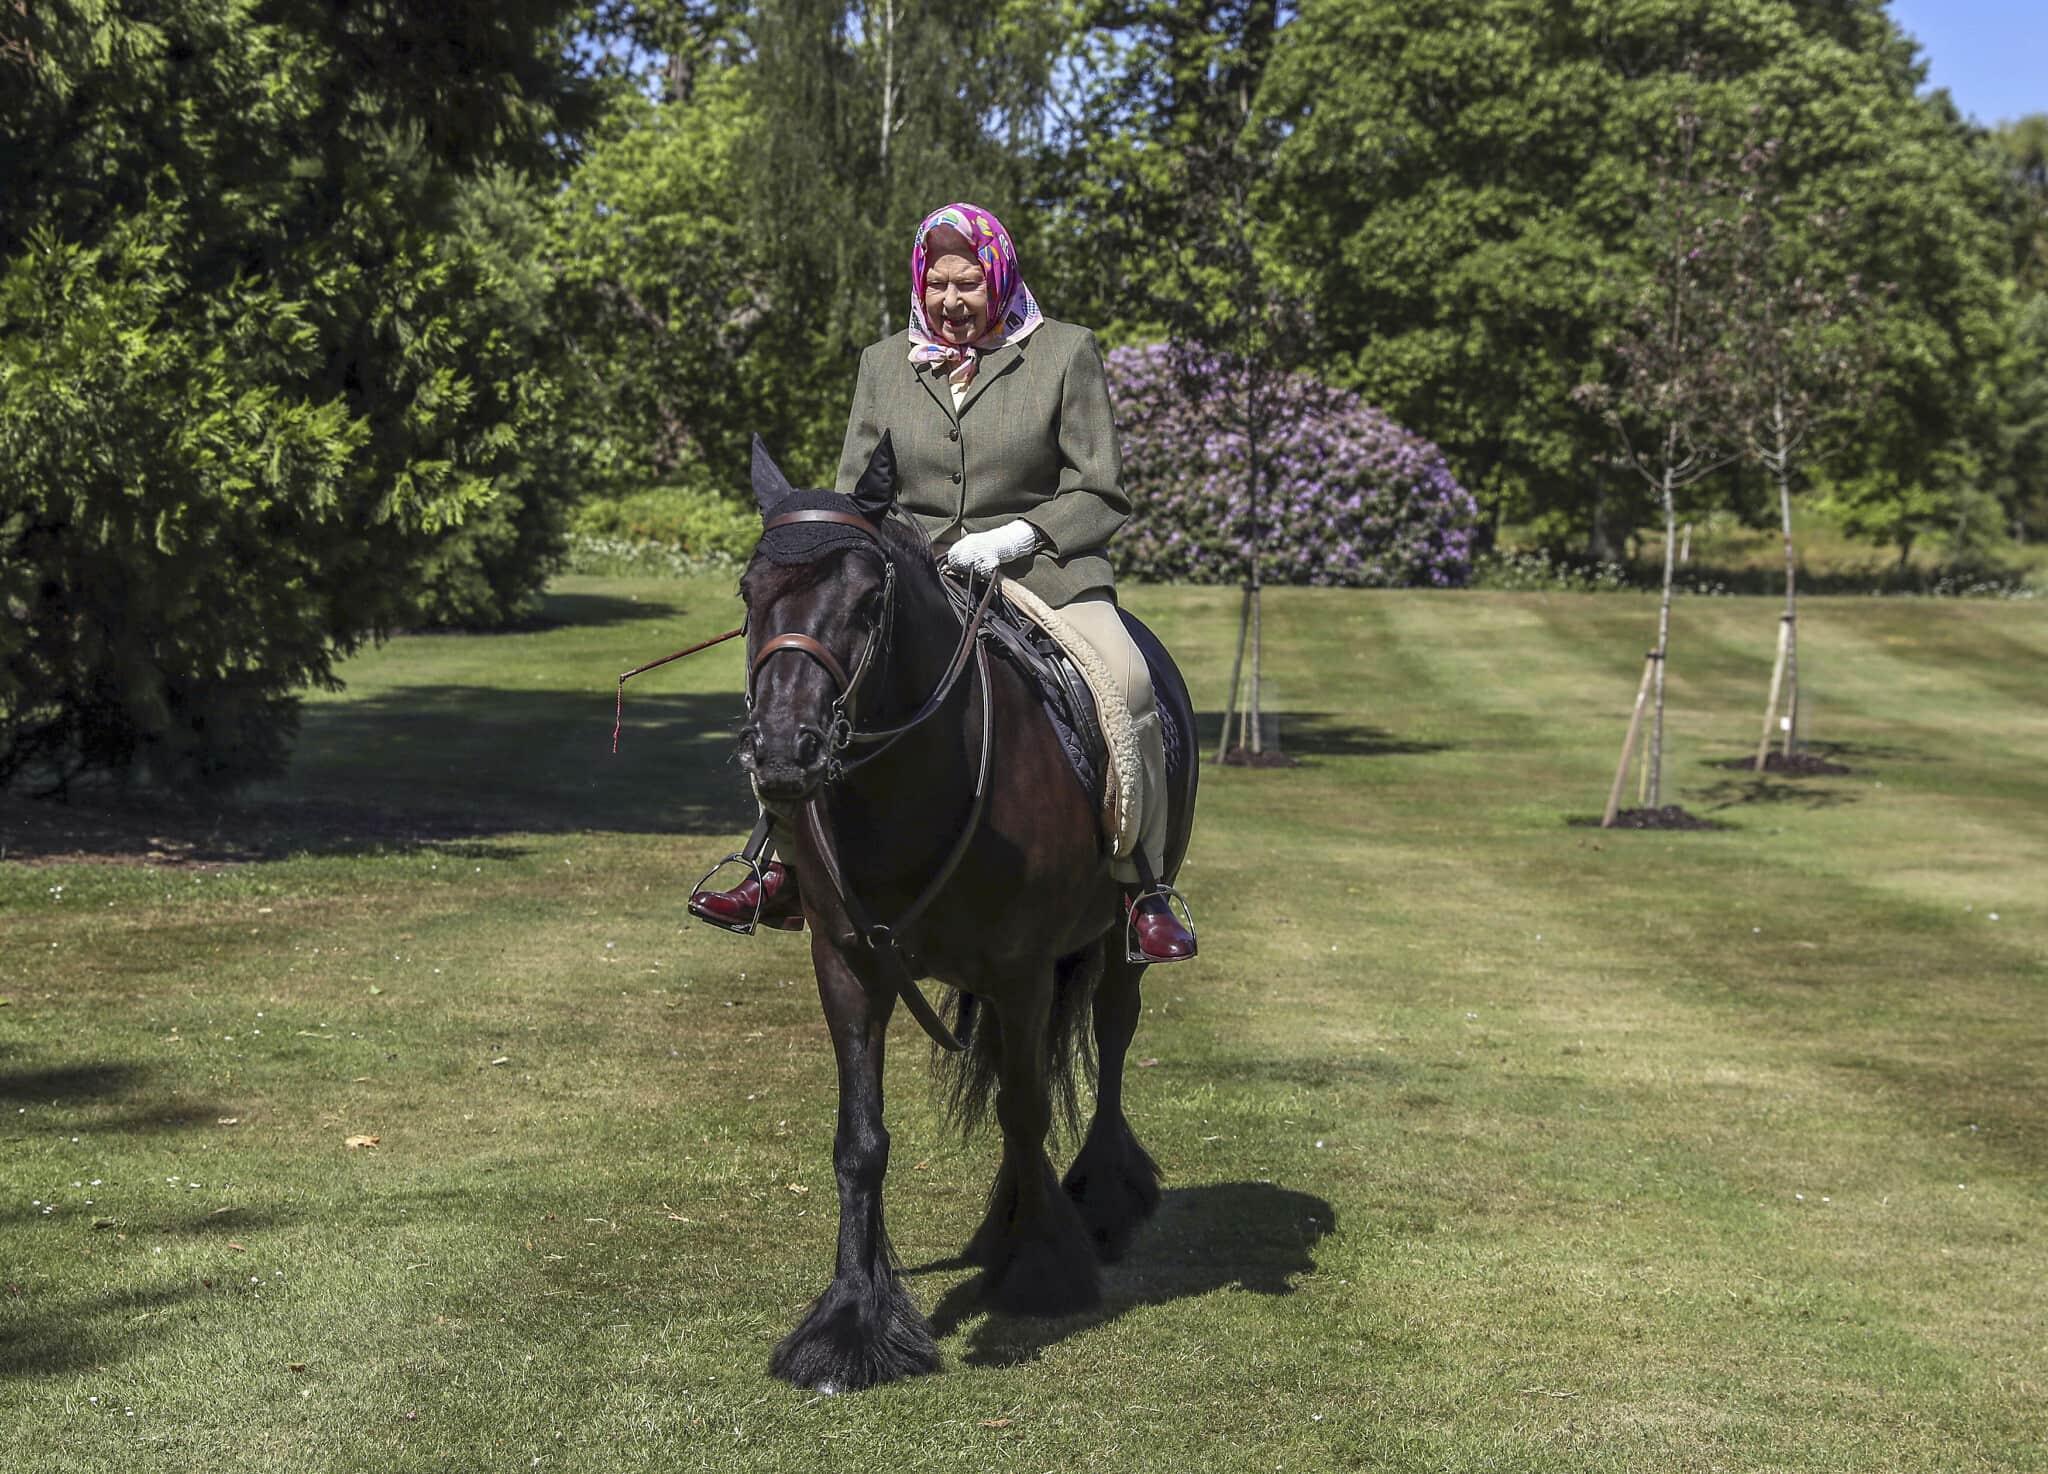 המלכה אליזבת השנייה, בגיל 94, עדיין עם צעיף משי על ראשה, רוכבת על סוס בטירת בלמורל בסקוטלנד. 31 במאי 2020 (צילום: Steve Parsons/Pool via AP)